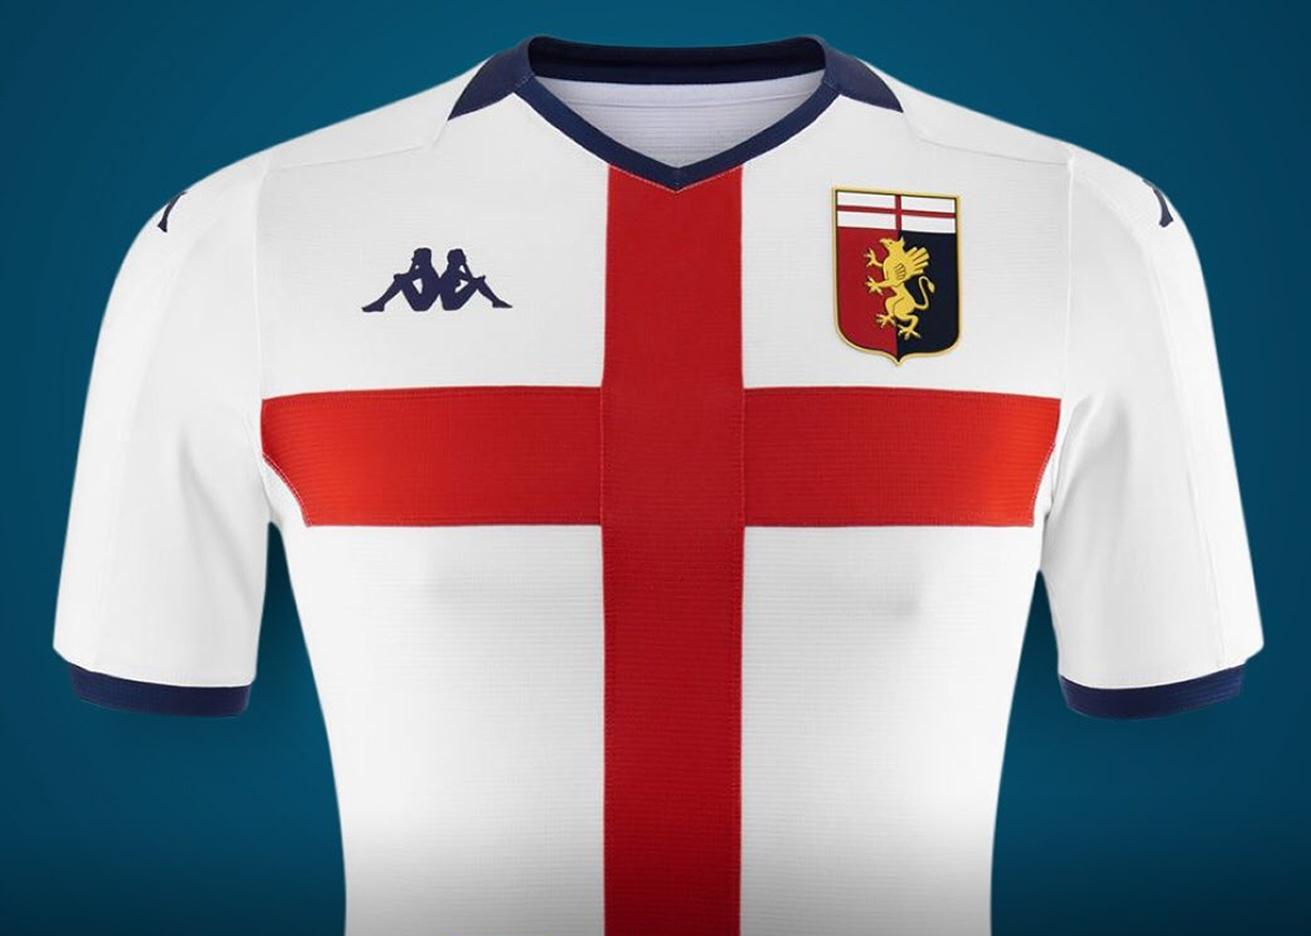 Corbata Edición frase  Tercera camiseta Kappa del Genoa CFC 2019/20